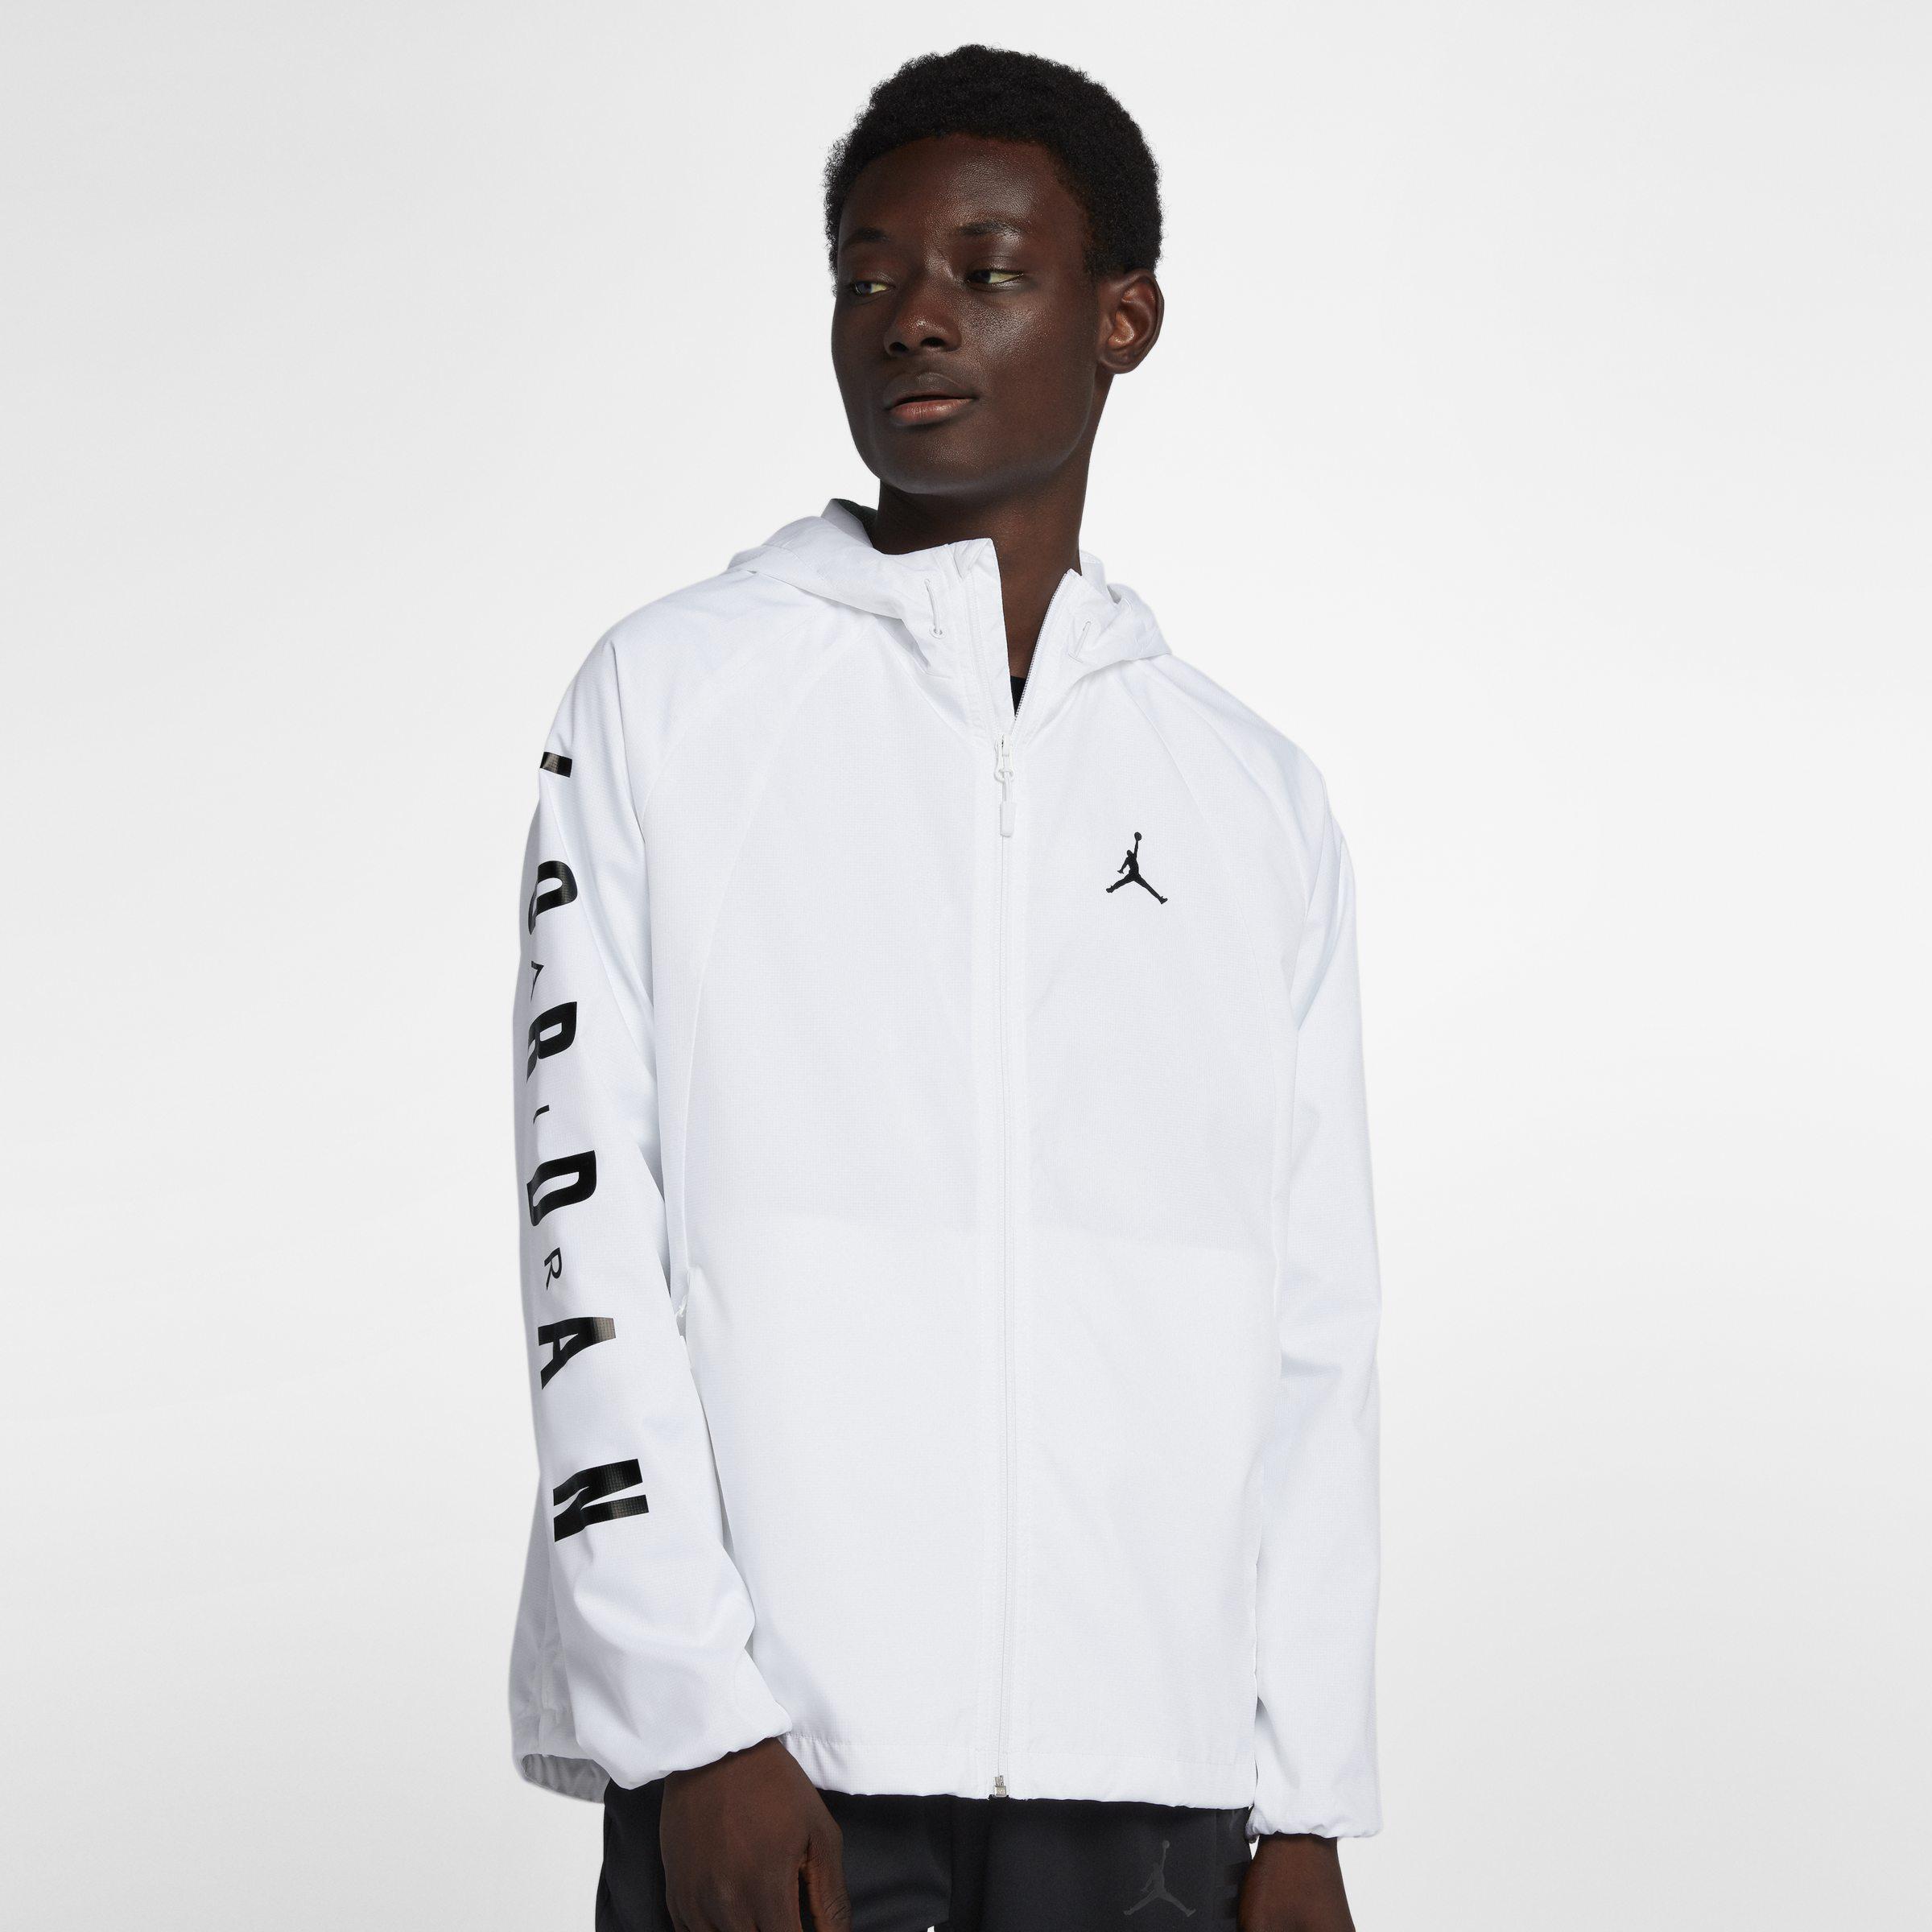 57ac7ec79c Nike Jordan Lifestyle Wings Windbreaker Jacket in White for Men - Lyst